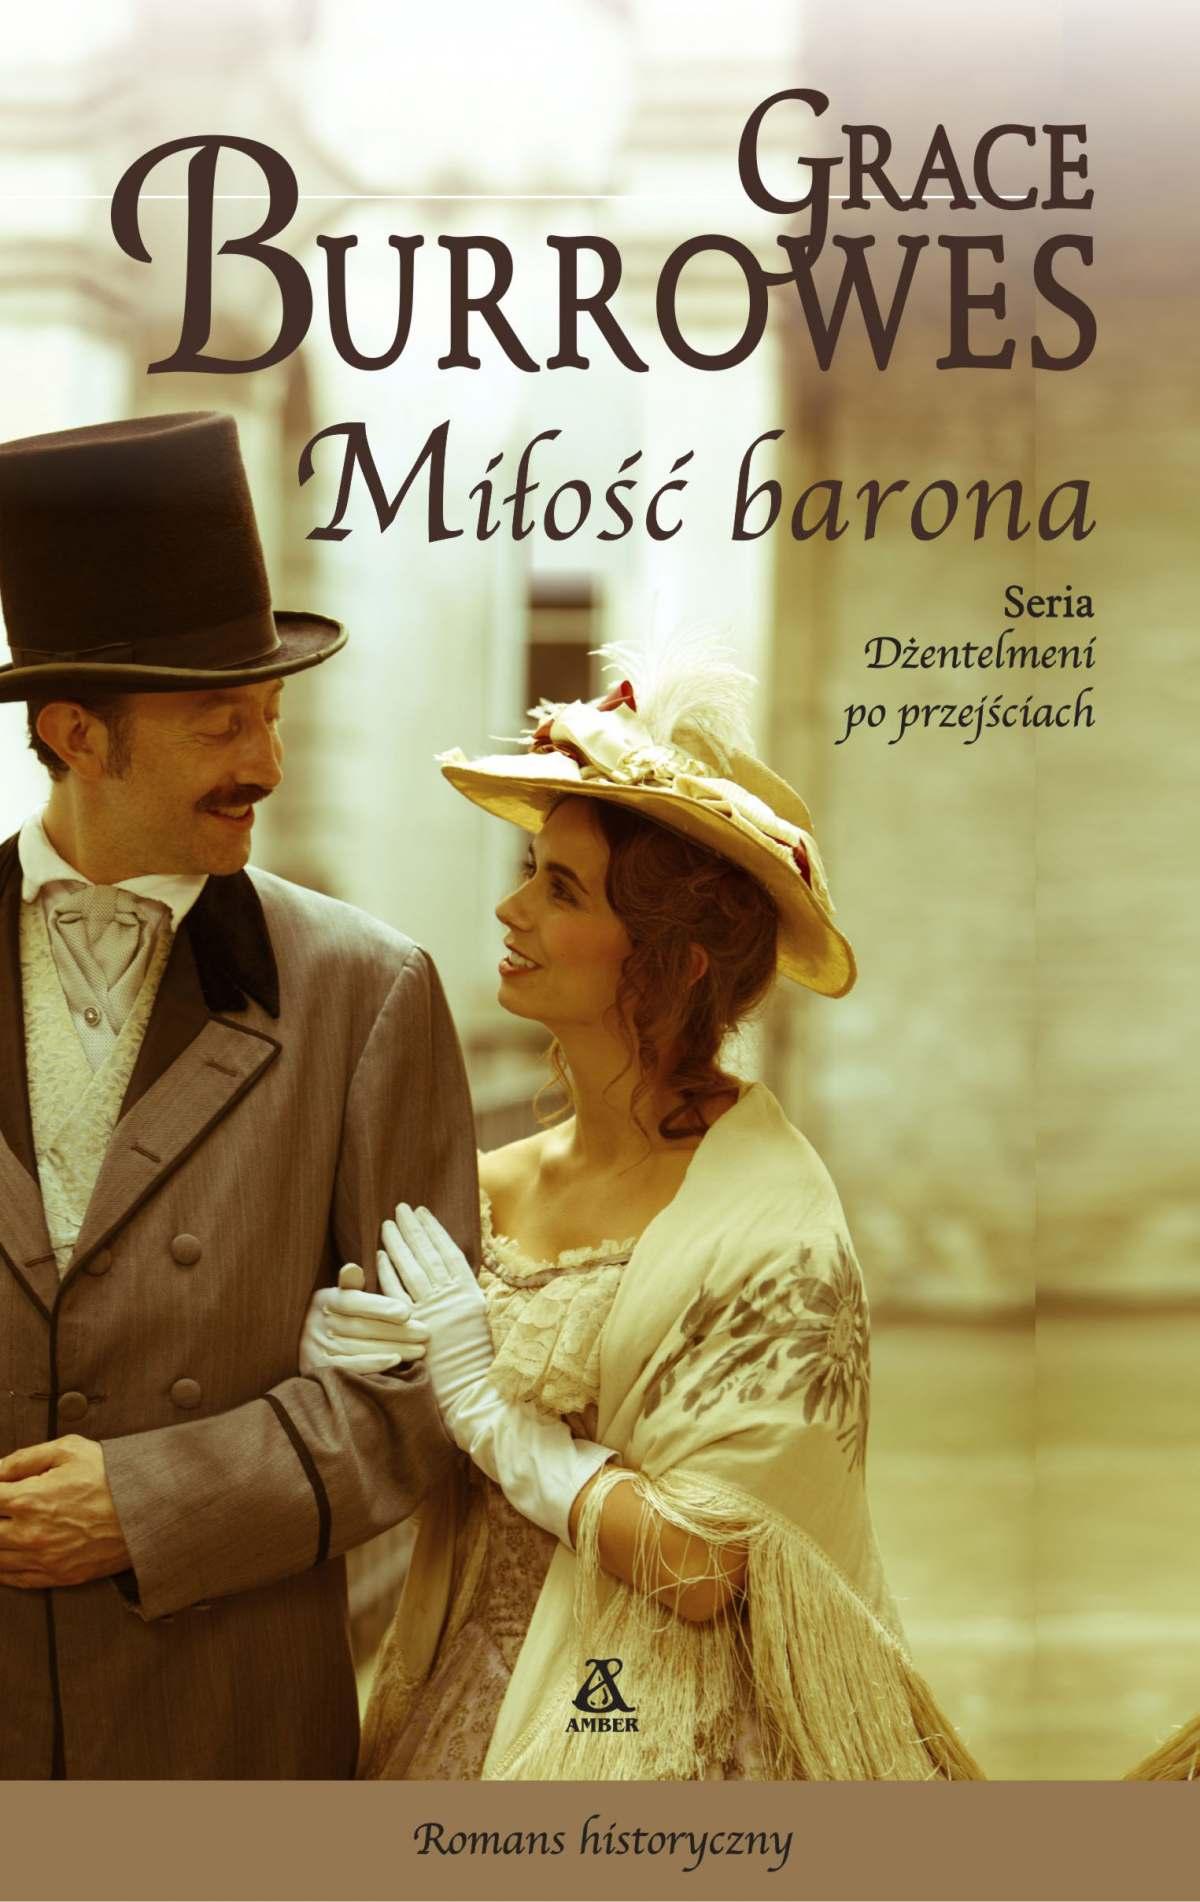 Miłość barona - Ebook (Książka na Kindle) do pobrania w formacie MOBI